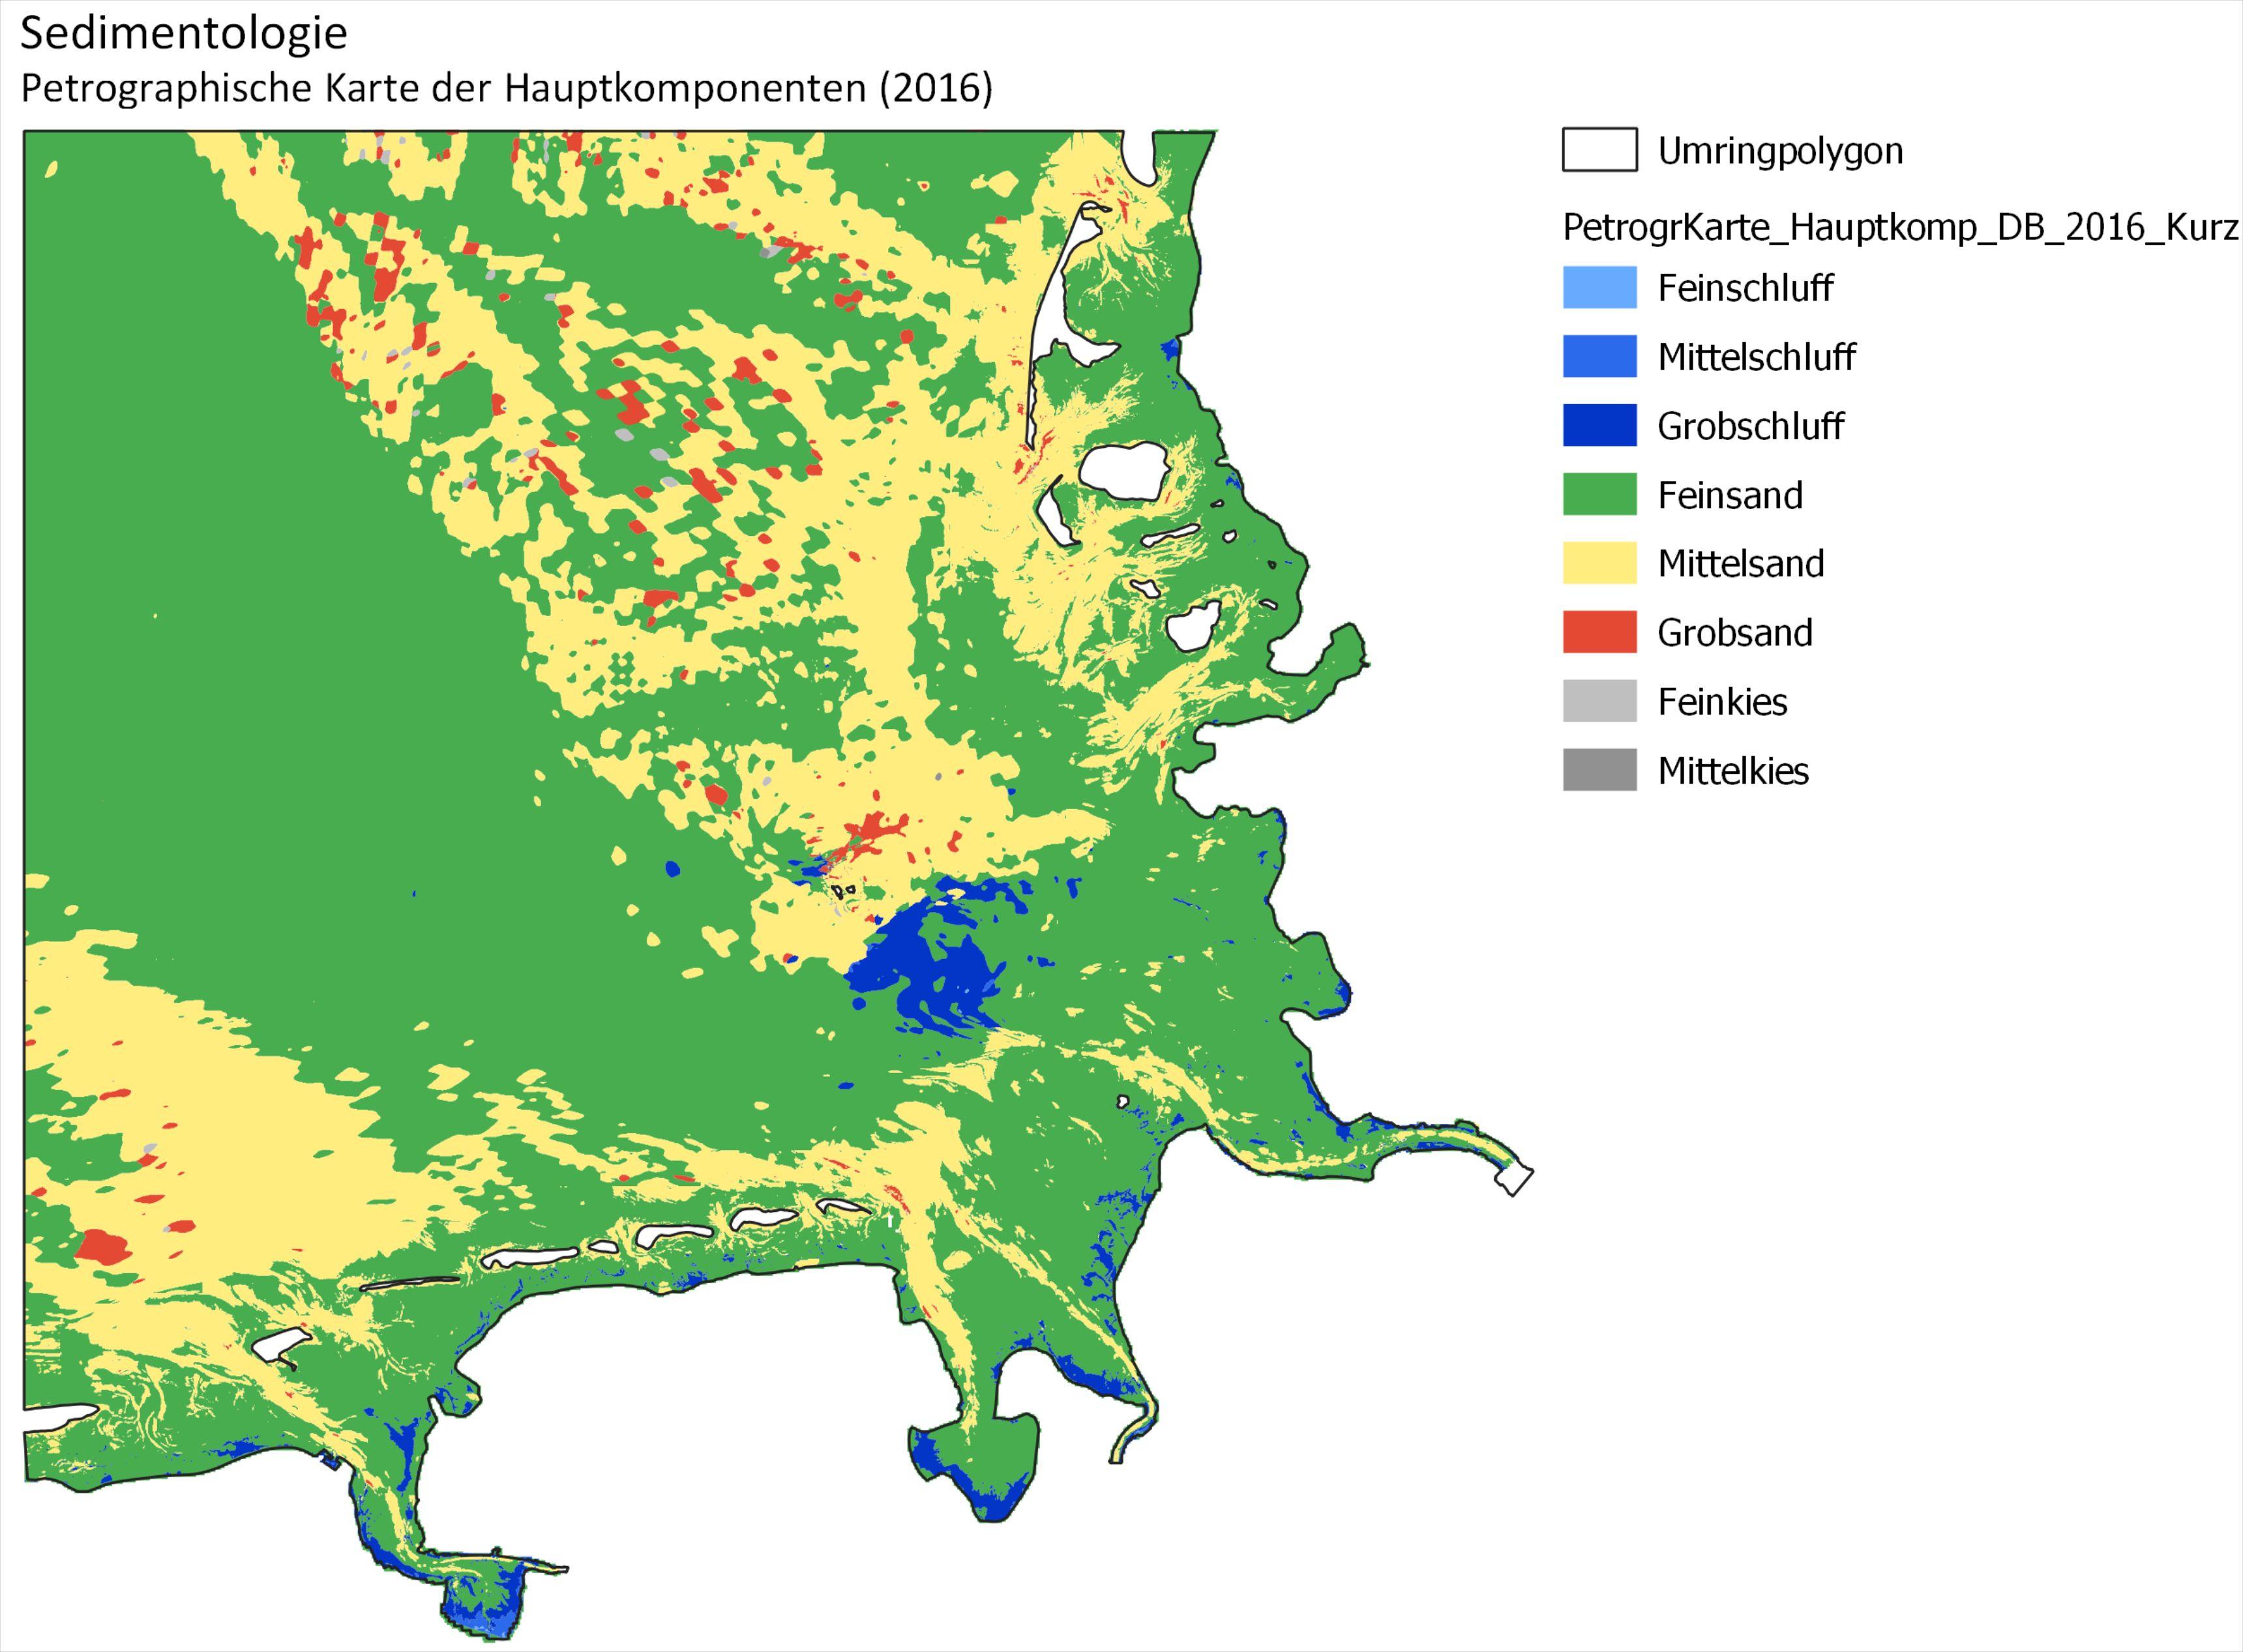 Beispiel: Petrographische Karte der Hauptkomponenten 2006 (Kurzform)